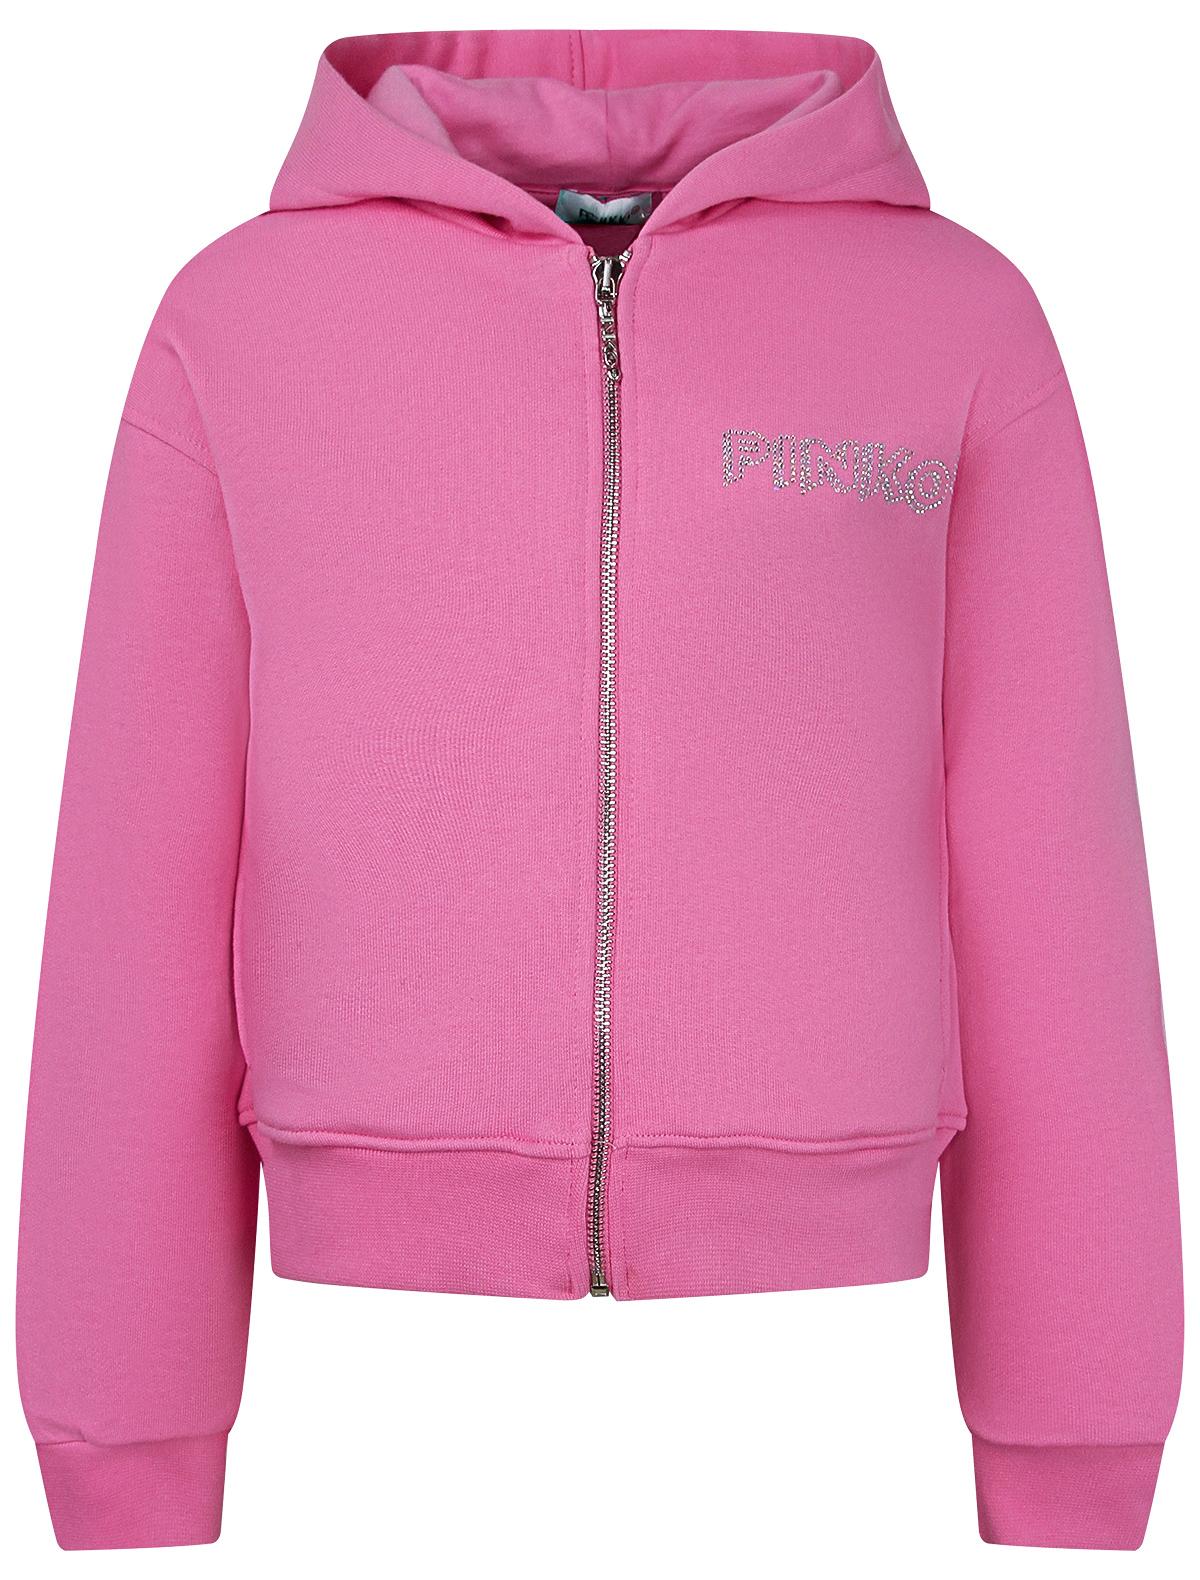 Купить 2275712, Толстовка Pinko Up, розовый, Женский, 0074509170267